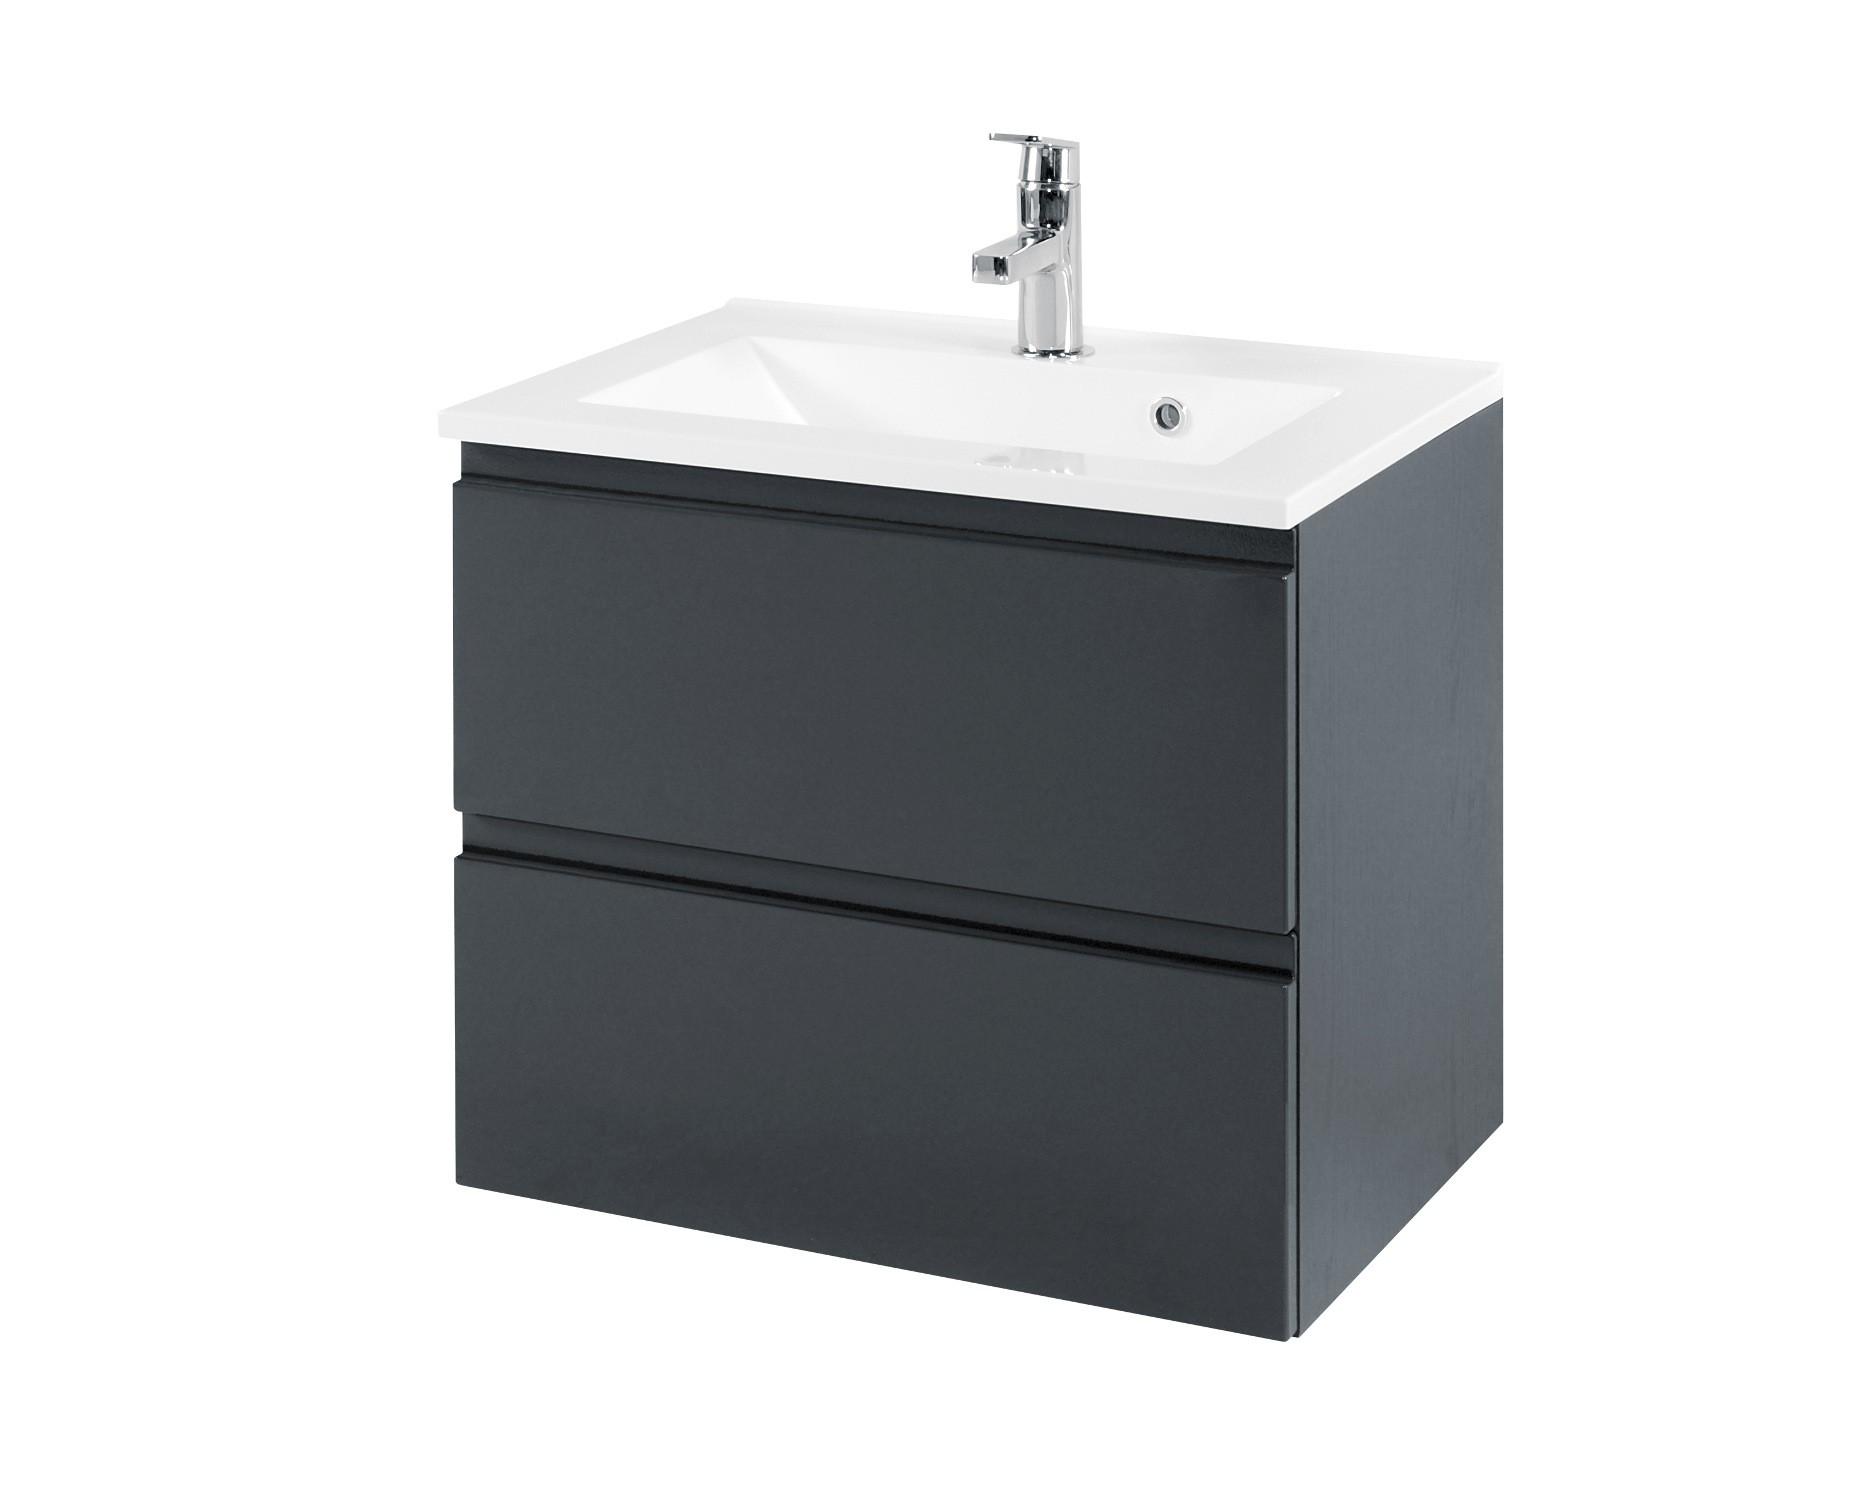 bad waschtisch cardiff 2 ausz ge 60 cm breit. Black Bedroom Furniture Sets. Home Design Ideas